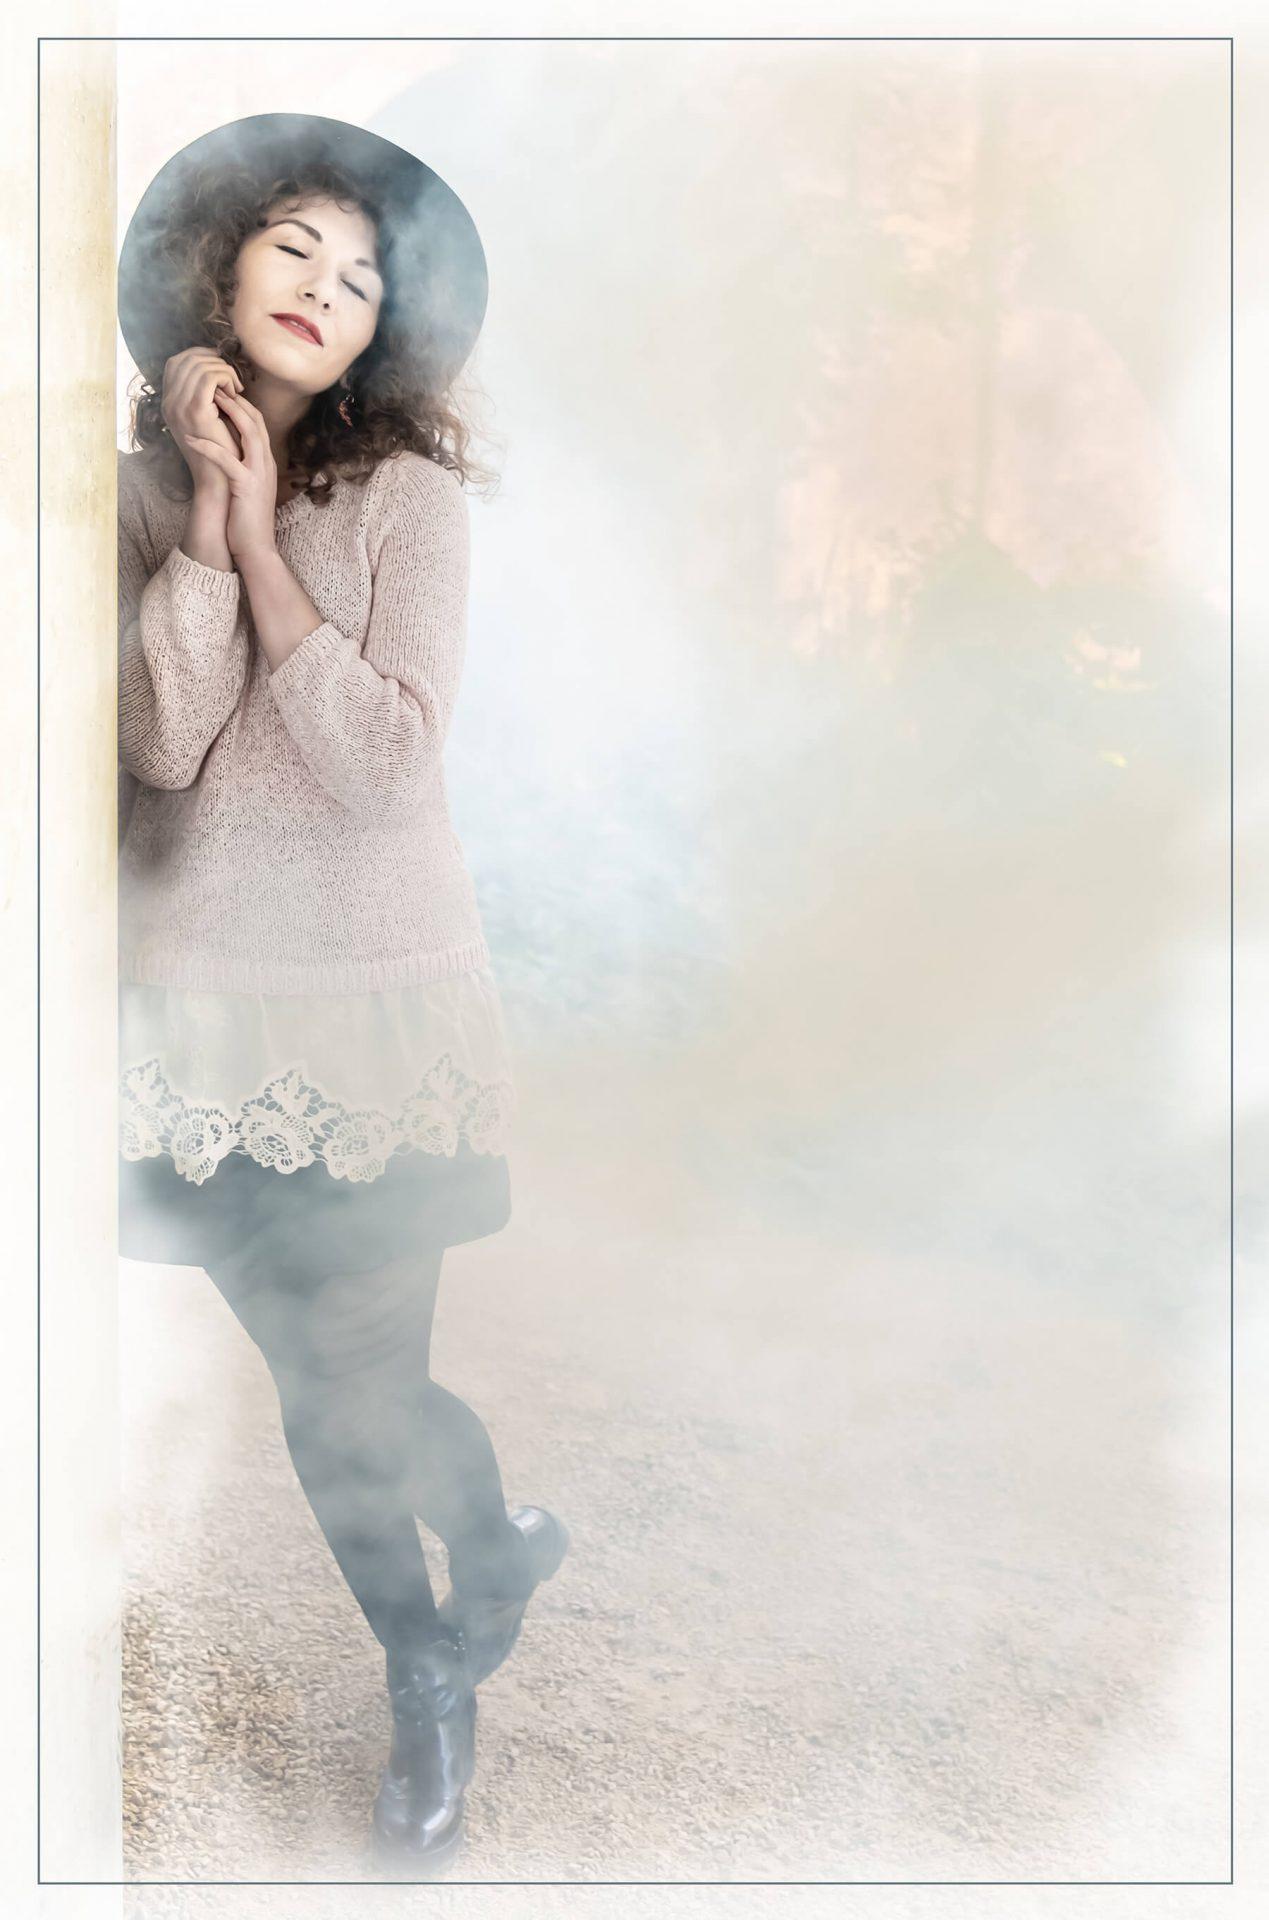 Portrait taken on Fujifilm X-T4